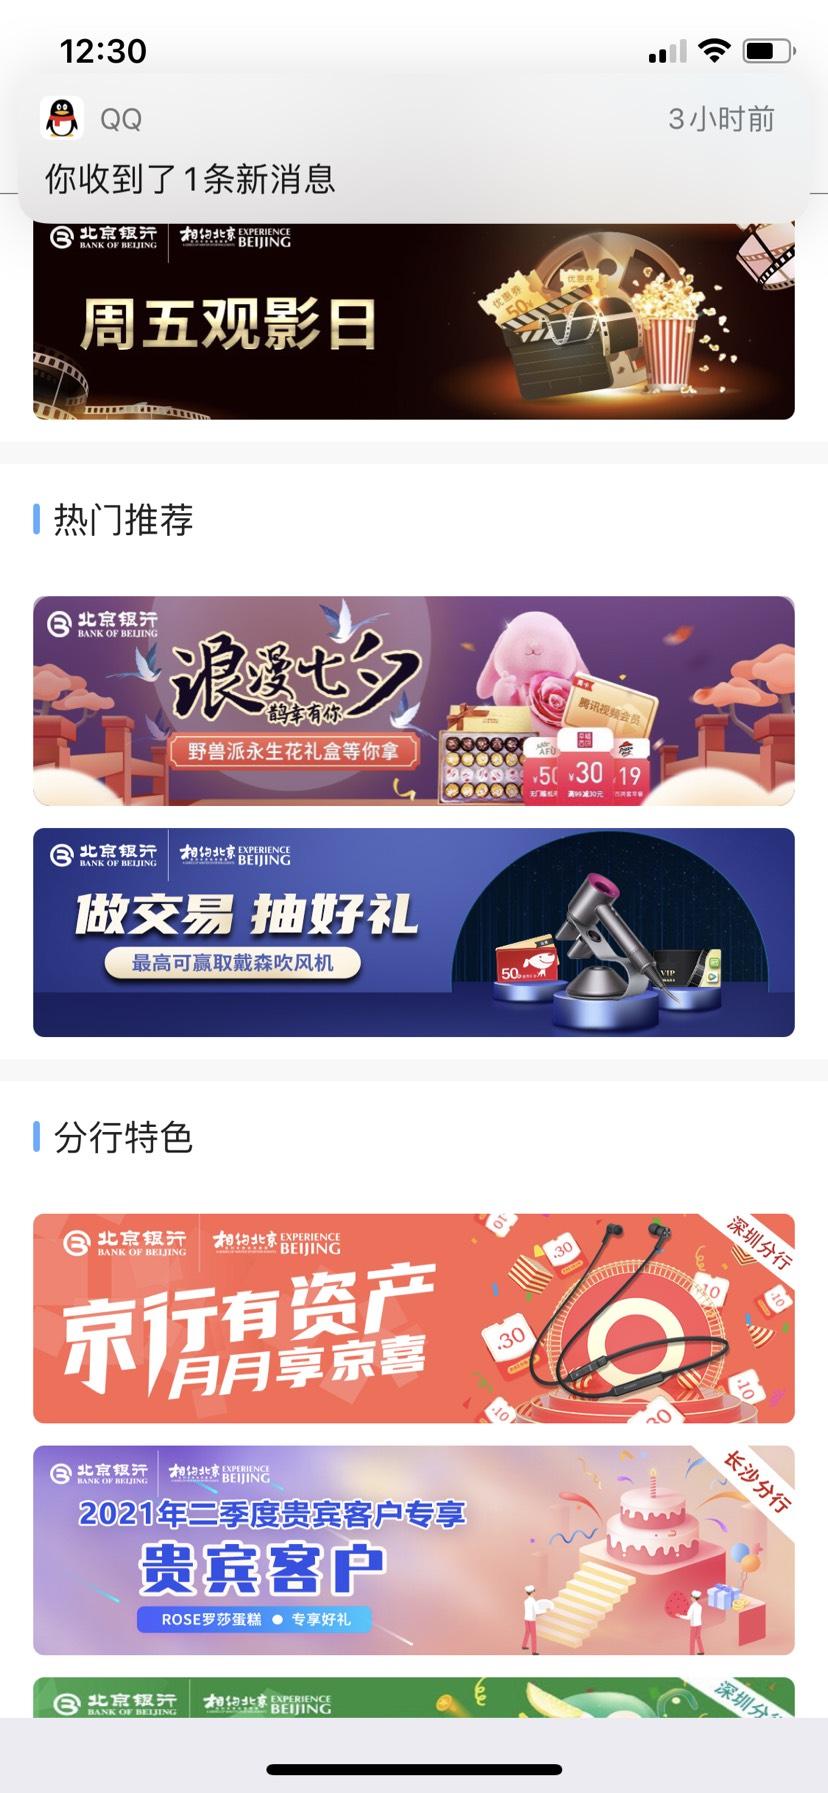 七夕活动,北京银行插图